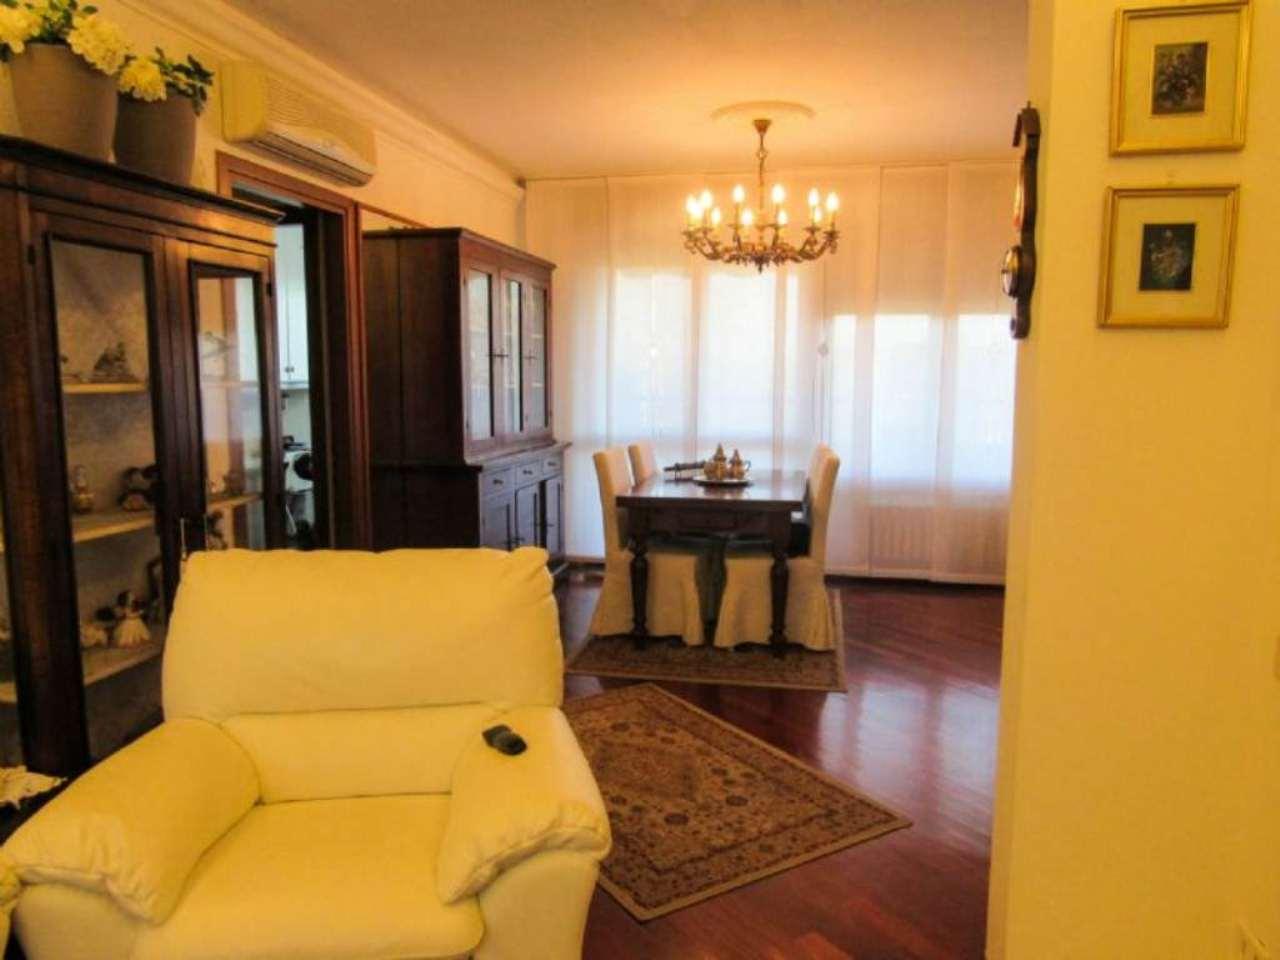 Attico / Mansarda in vendita a Buccinasco, 5 locali, prezzo € 460.000 | Cambio Casa.it